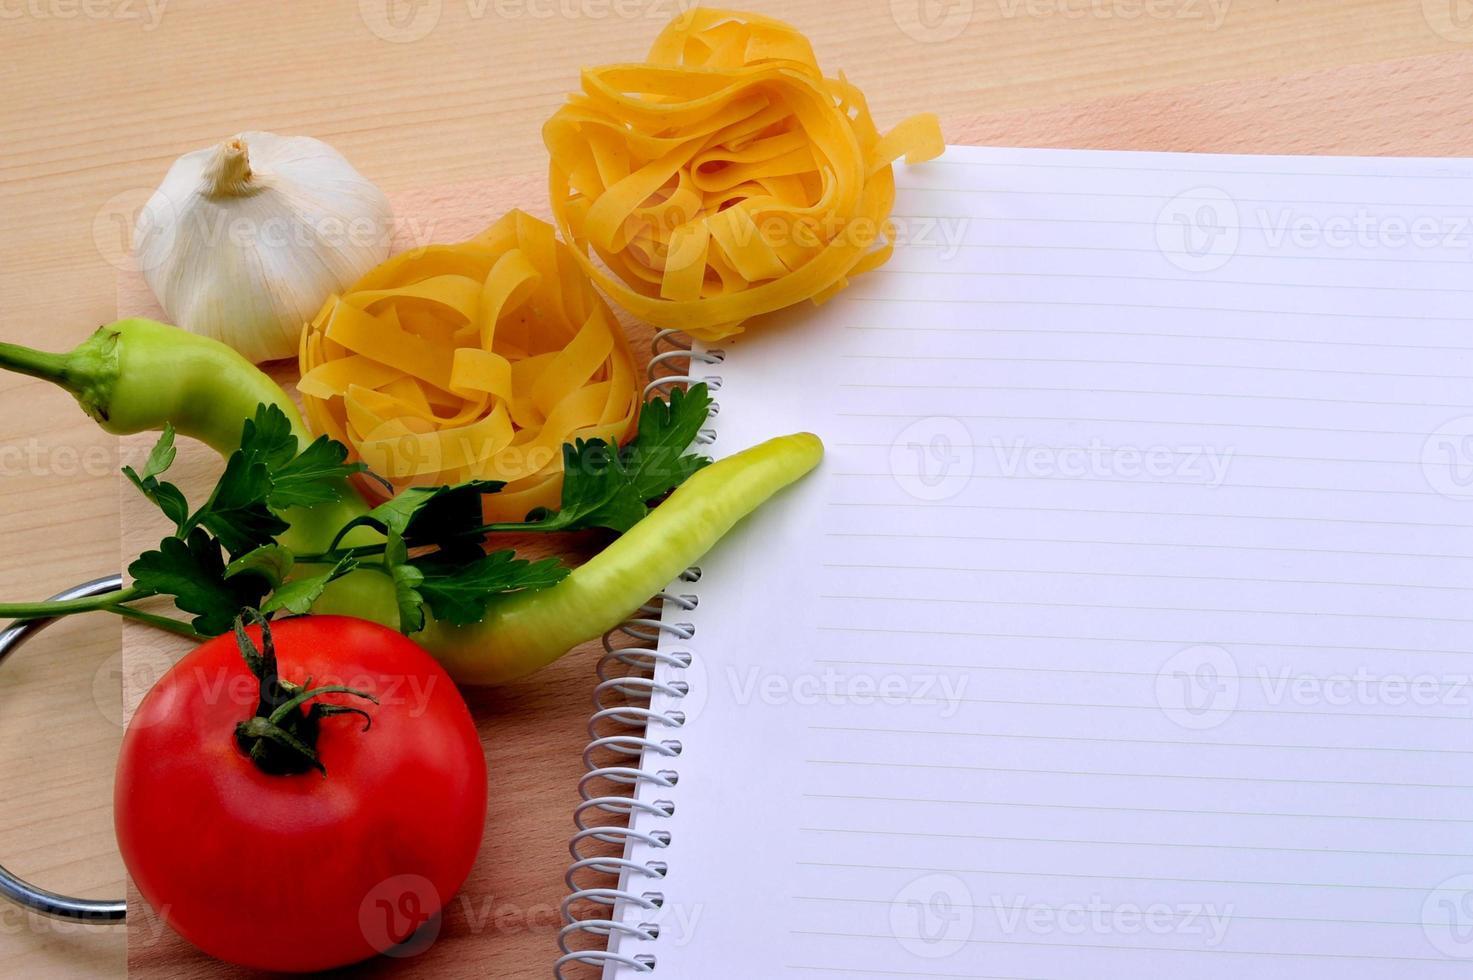 med tom receptbok, tomater, paprika foto